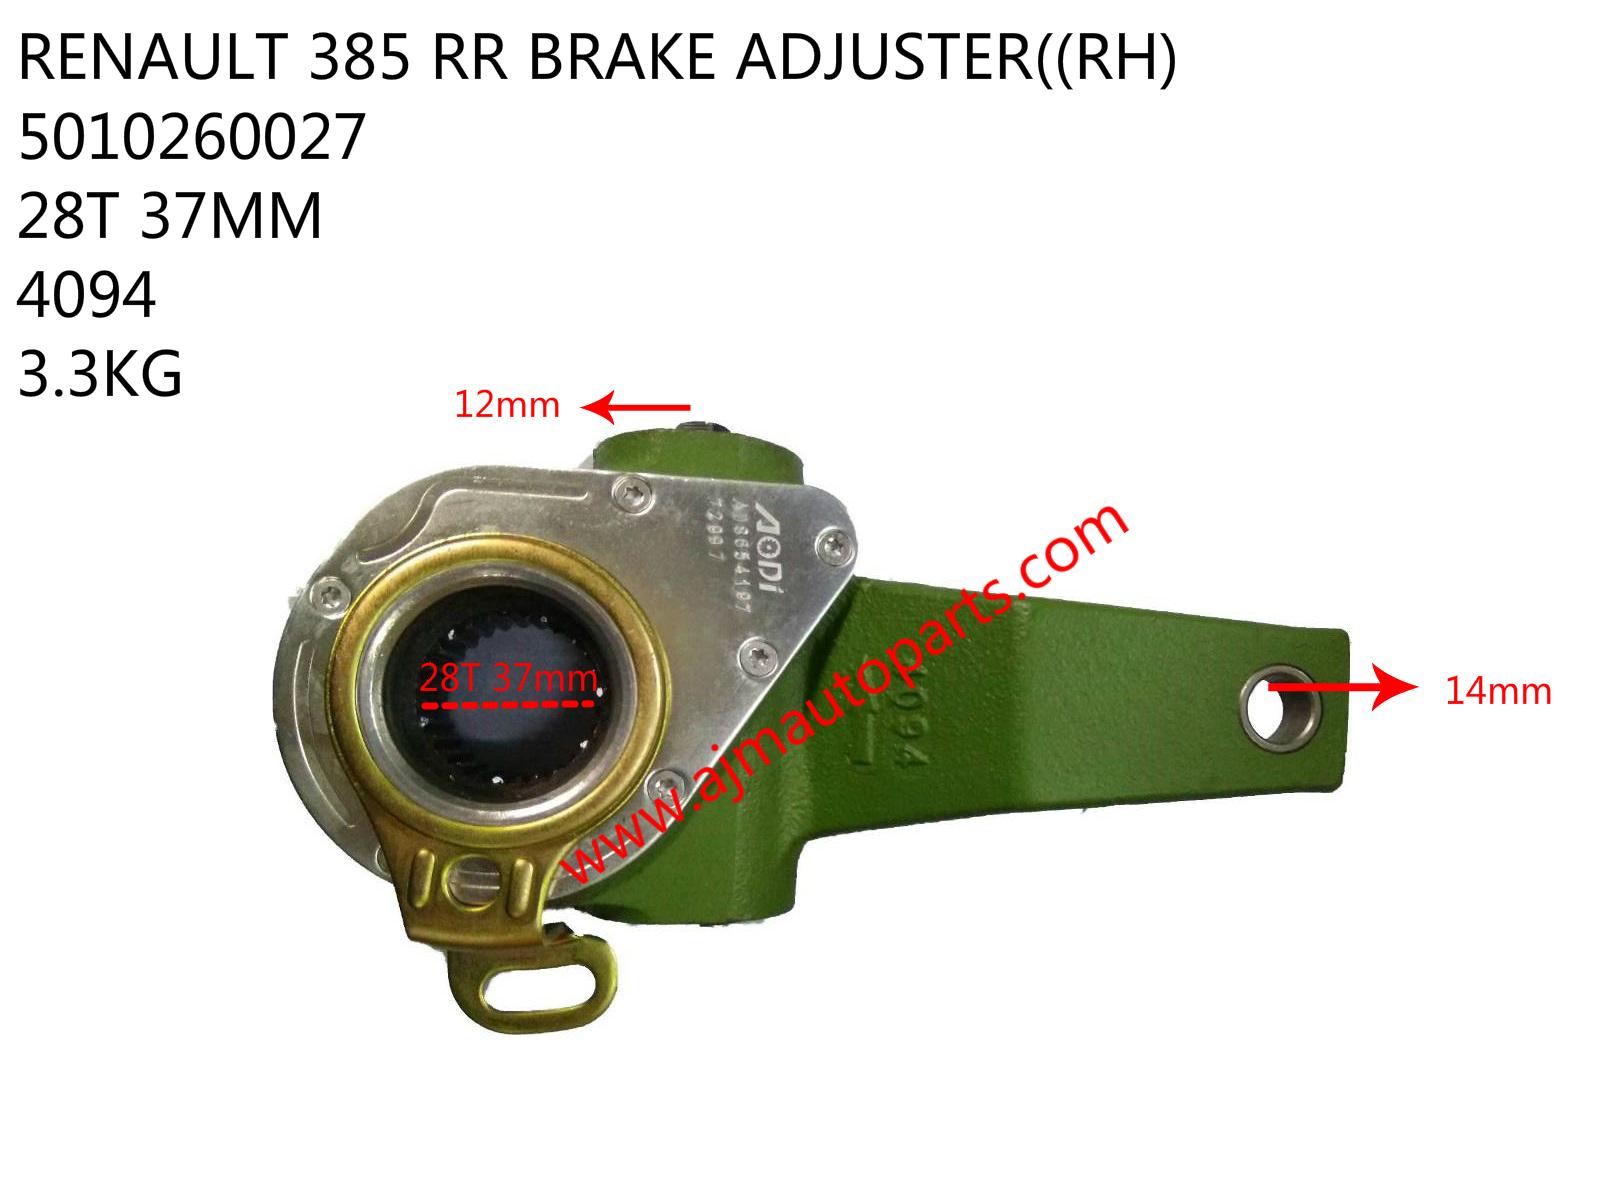 RENAULT 385 RR BRAKE ADJUSTER(RH)-5010260027-4094_